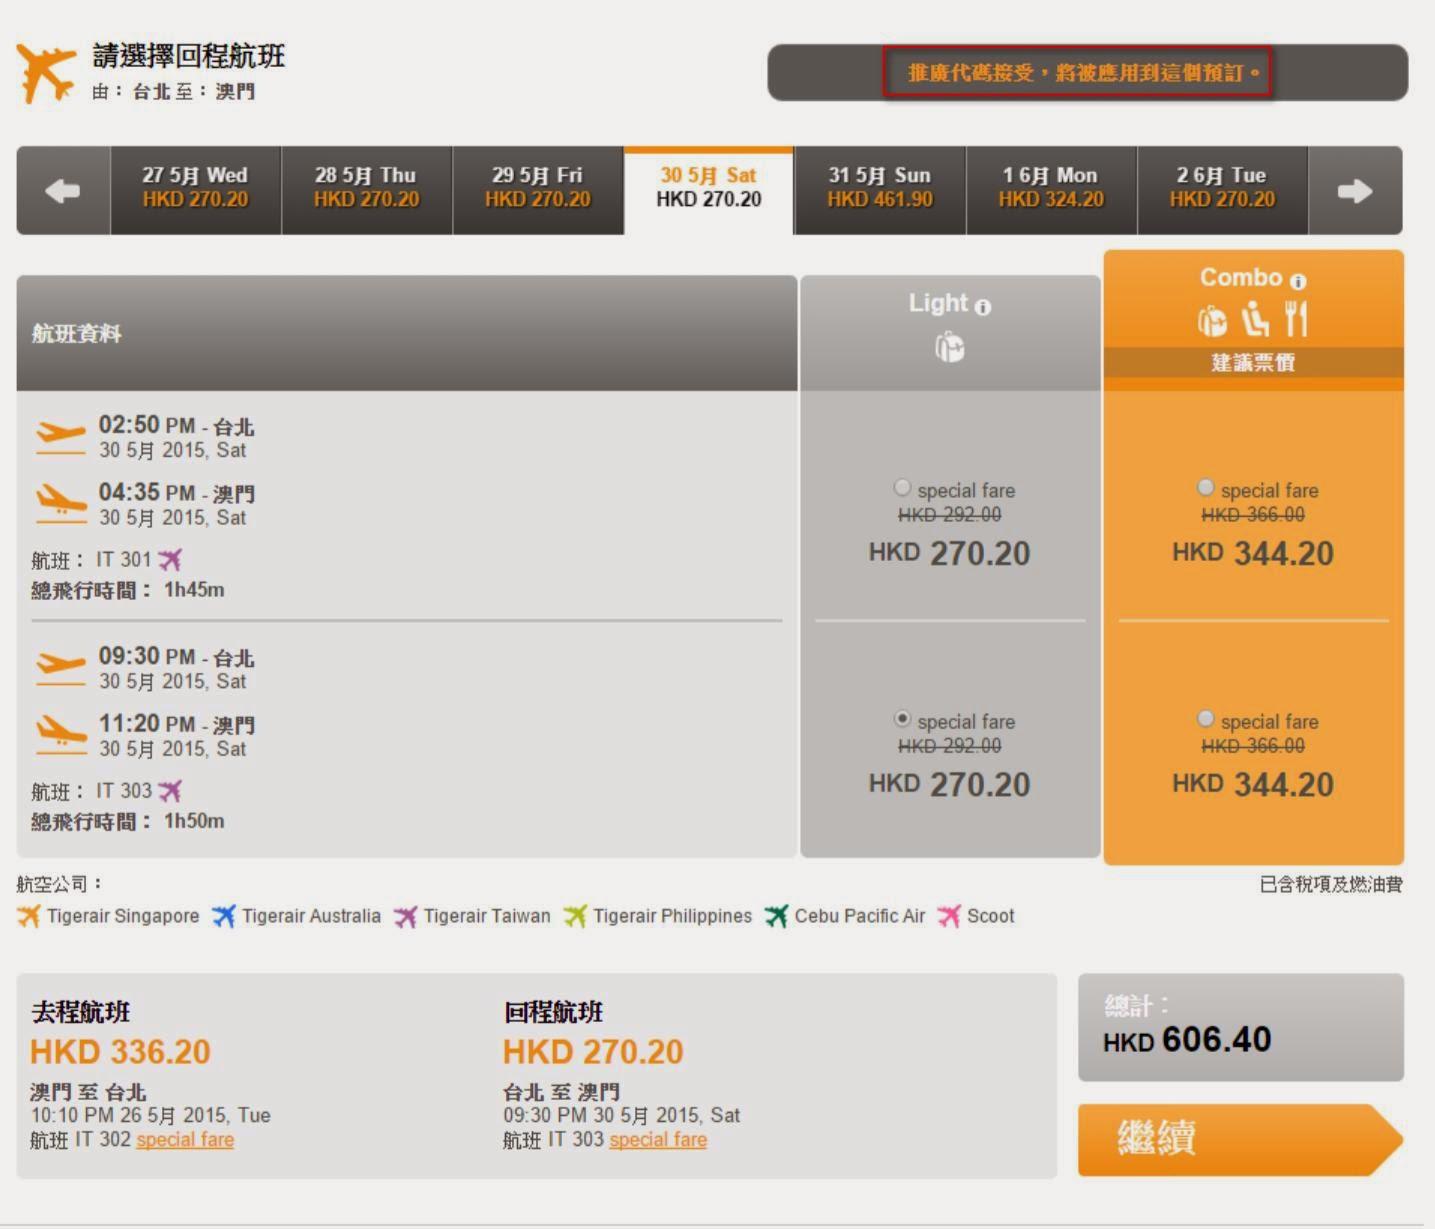 澳門往來台北/高雄 HK$330起,連稅再加HK$110手續費,共HK$716